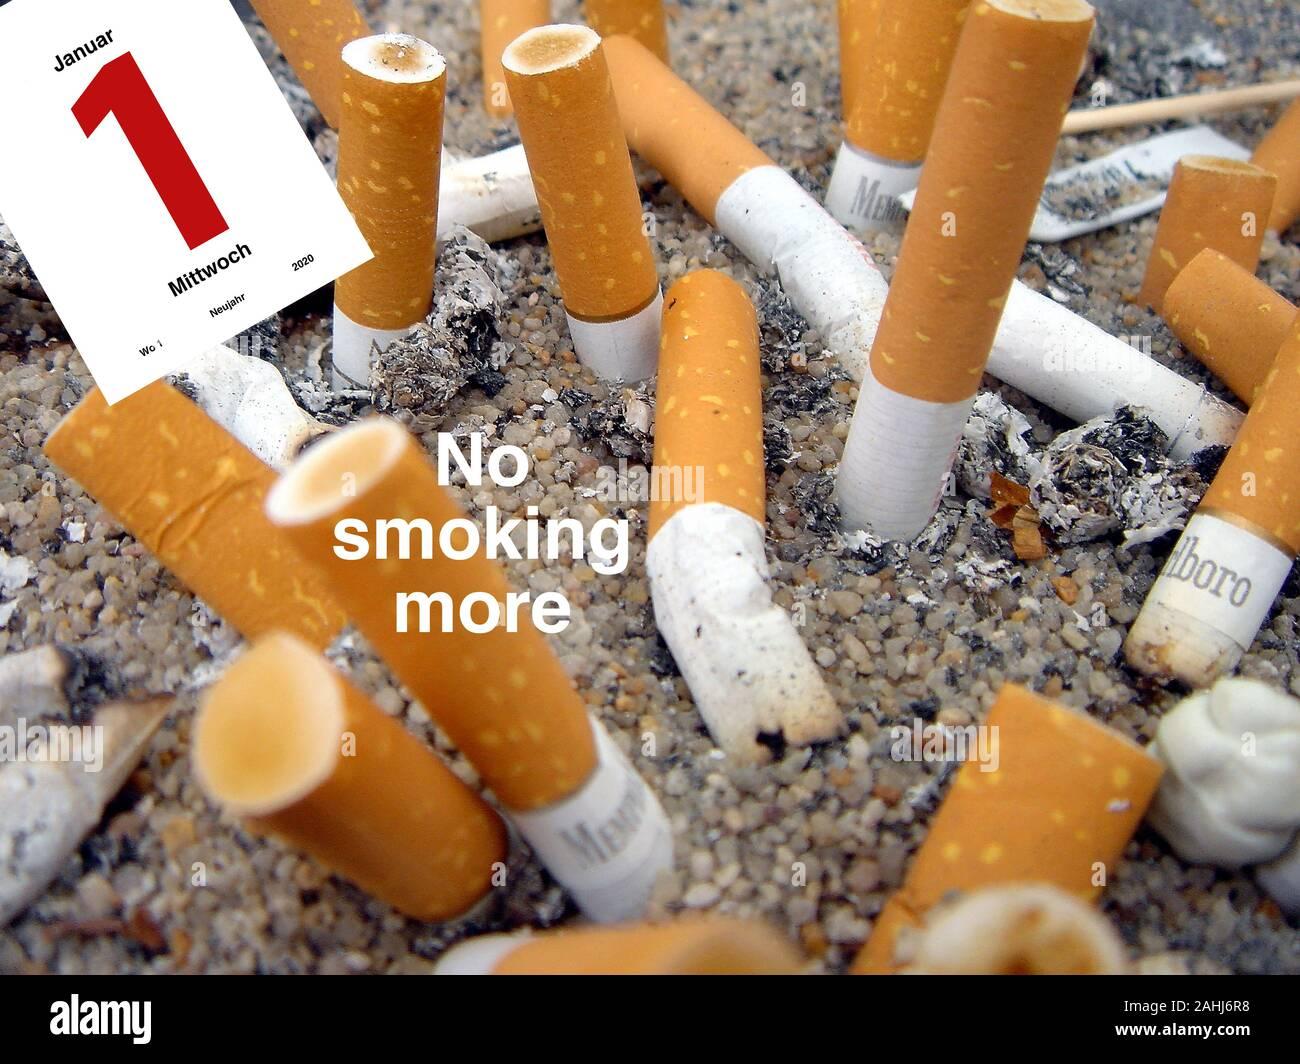 Zigarettenstummel, Aschenbecher, Zigaretten, Raucher, Asche, Vorsätze für 2020, mit dem Rauchen aufhören, Stock Photo